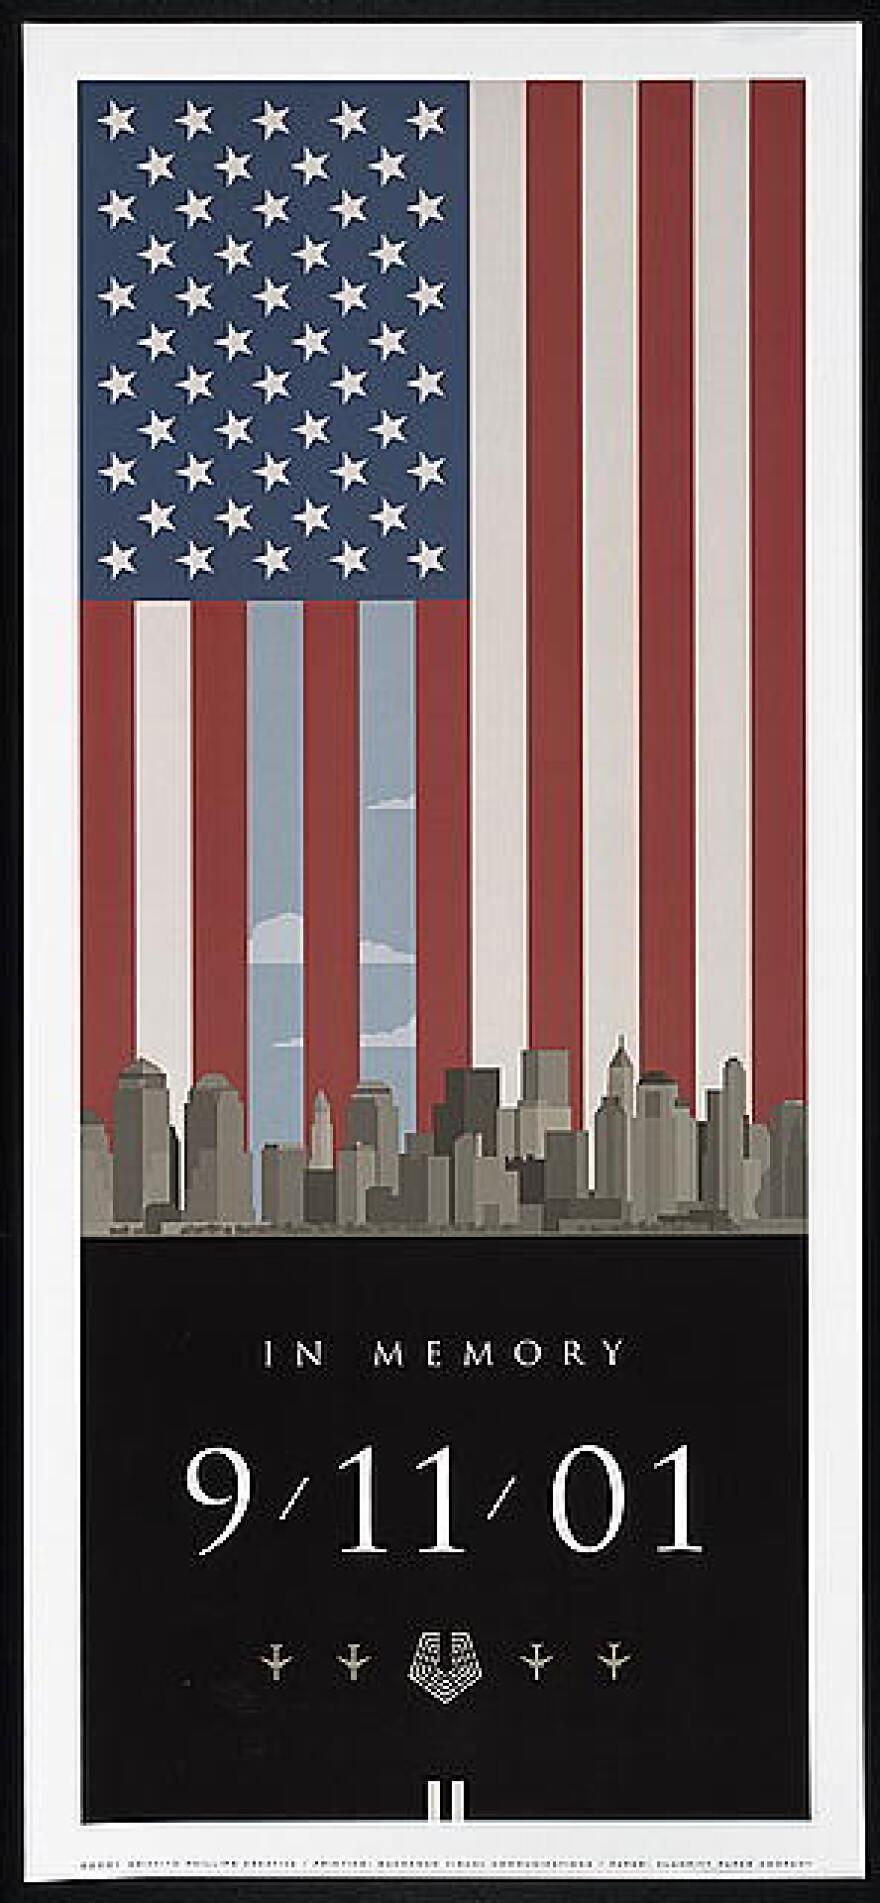 9-11-01_memorial_image_gov.jpg